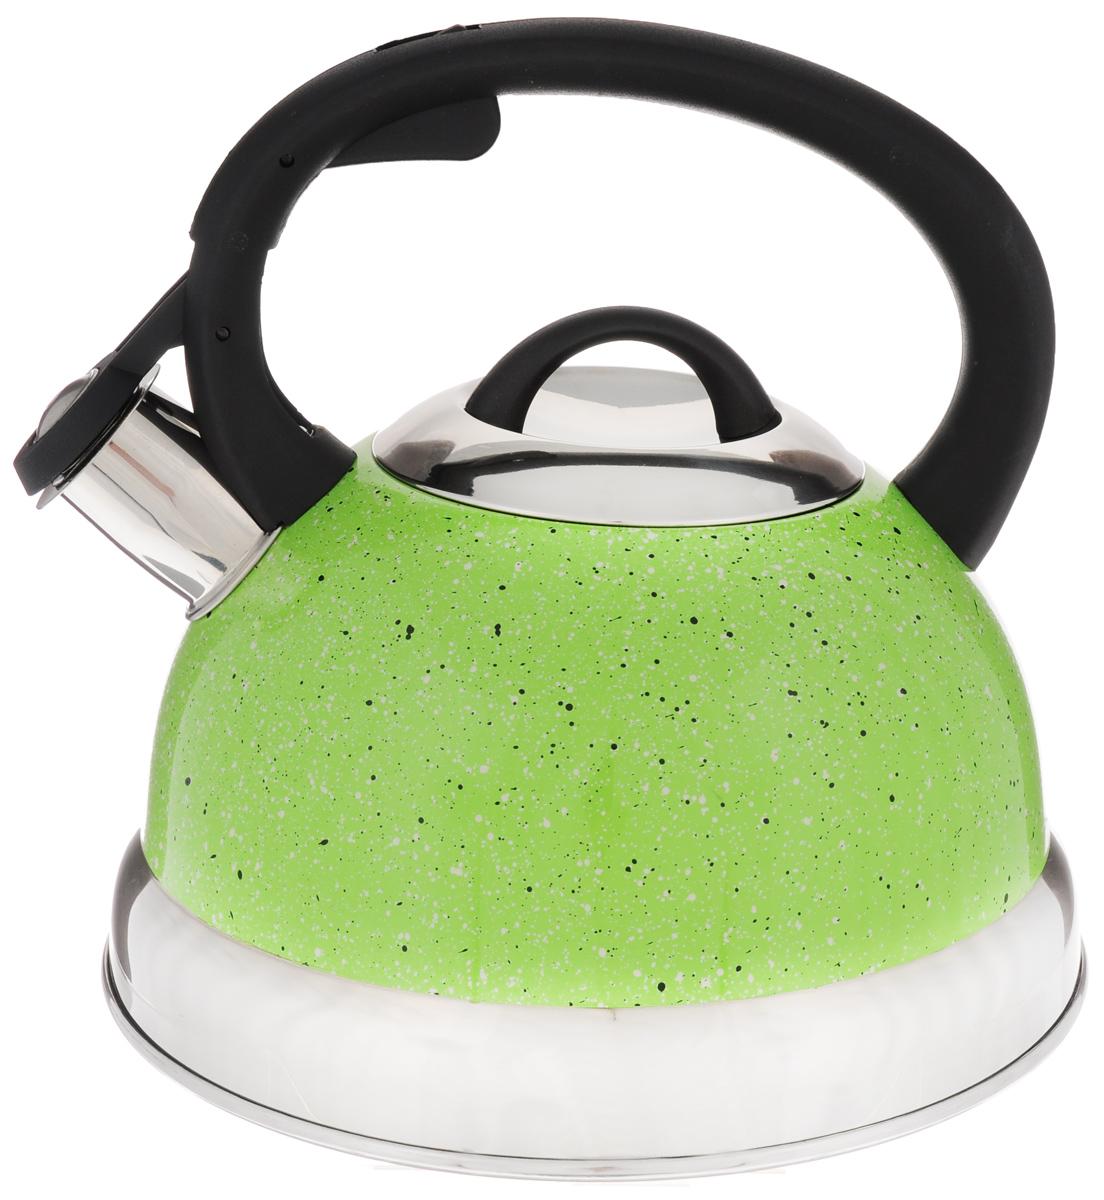 Чайник Mayer & Boch, со свистком, цвет: салатовый, 2,6 л. 2566325663Чайник со свистком Mayer & Boch изготовлен из высококачественной нержавеющей стали, что обеспечивает долговечность использования. Носик чайника оснащен откидным свистком, звуковой сигнал которого подскажет, когда закипит вода. Фиксированная ручка, изготовленная из пластика, снабжена клавишей для открывания носика, что делает использование чайника очень удобным и безопасным. Чайник Mayer & Boch - качественное исполнение и стильное решение для вашей кухни. Подходит для всех типов плит, включая индукционные. Можно мыть в посудомоечной машине. Высота чайника (с учетом ручки): 20,5 см. Диаметр чайника (по верхнему краю): 10 см. Диаметр основания: 21 см.